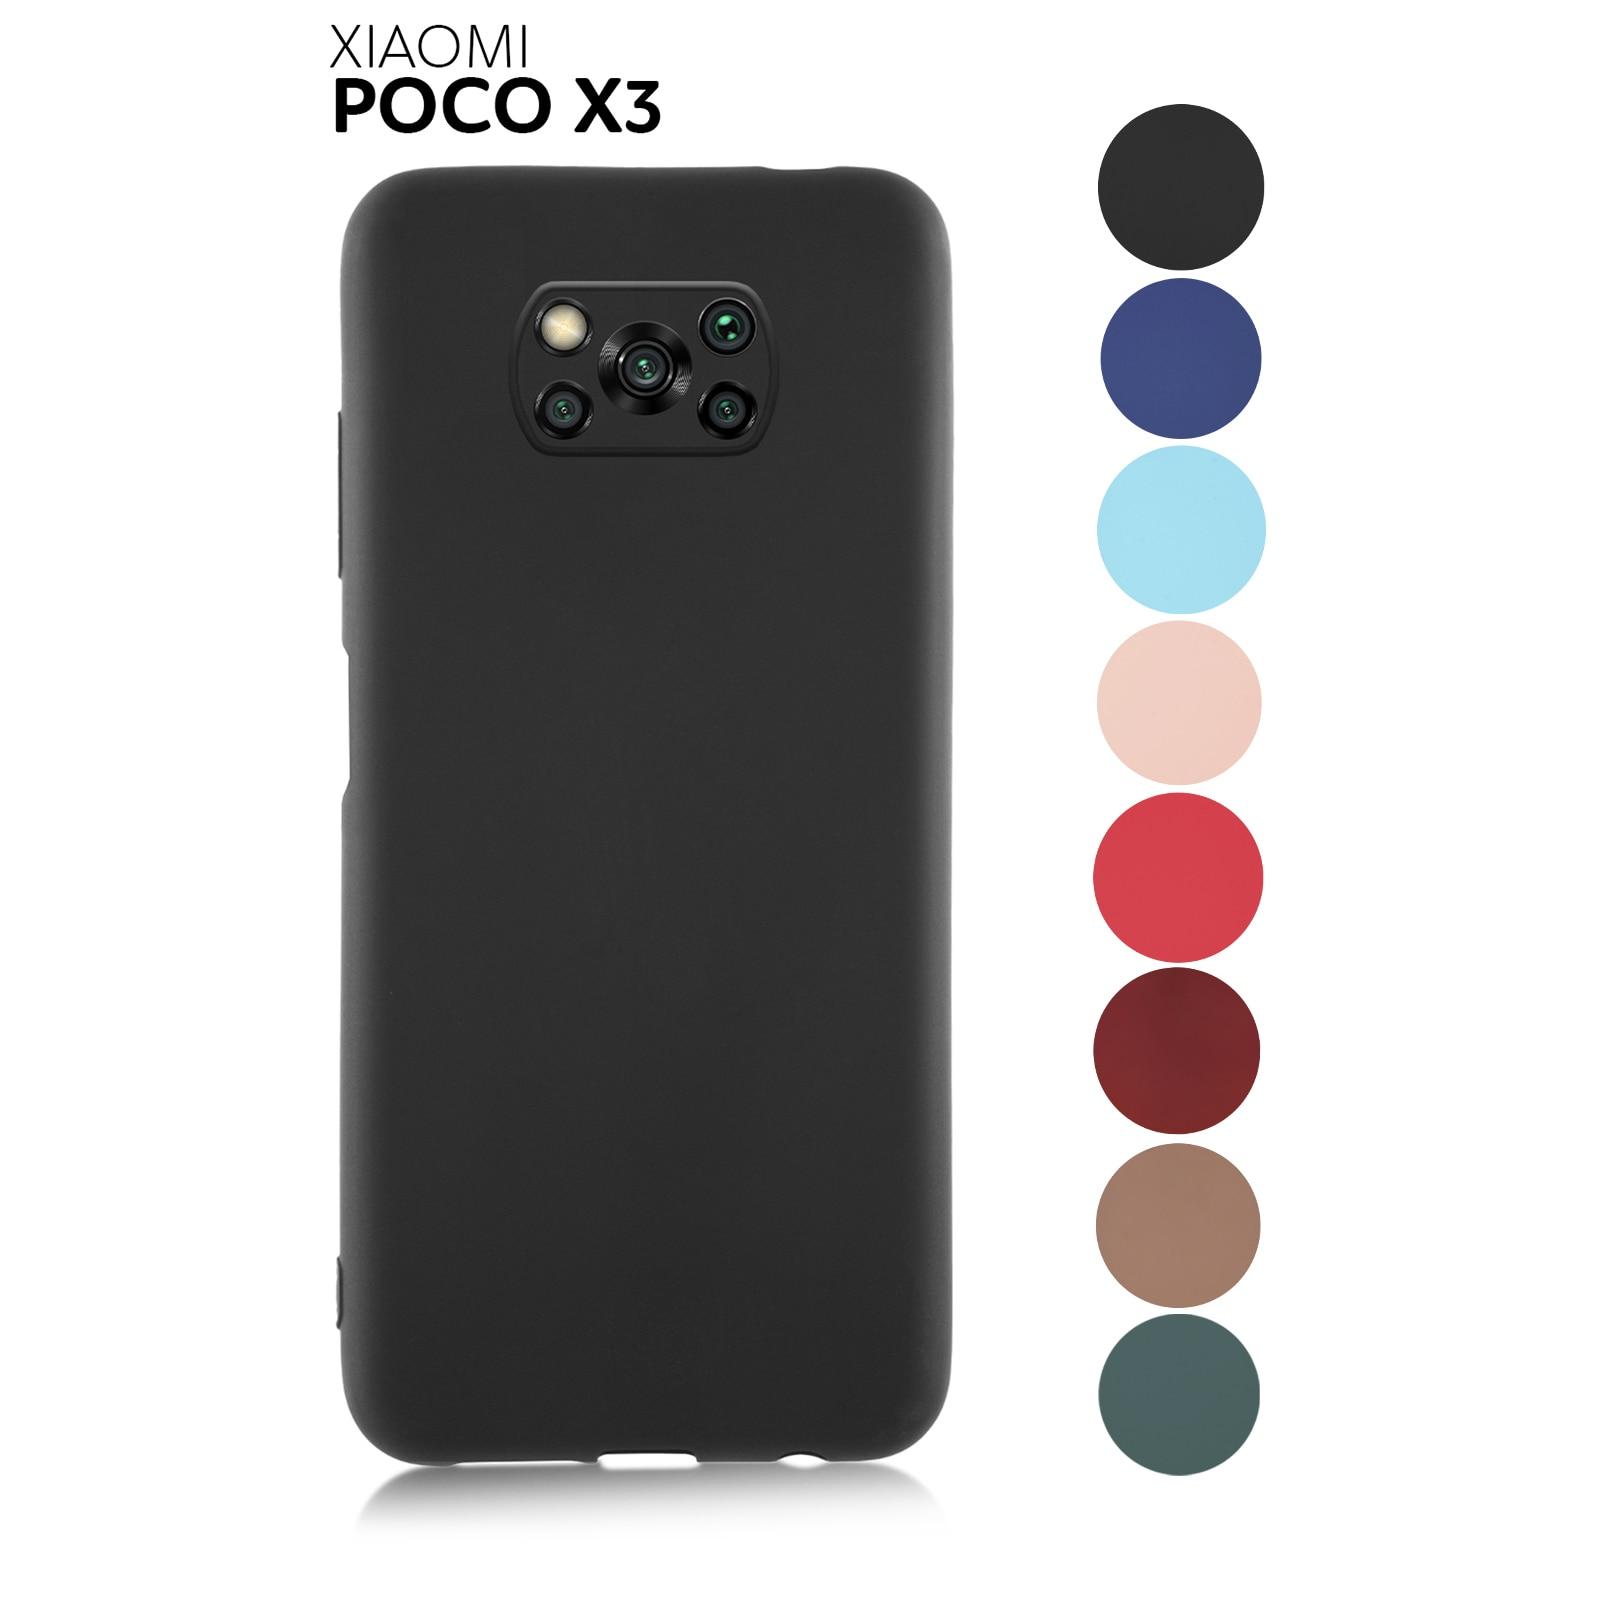 Силиконовый тонкий матовый чехол ROSCO для Xiaomi Poco X3 NFC Бамперы    АлиЭкспресс